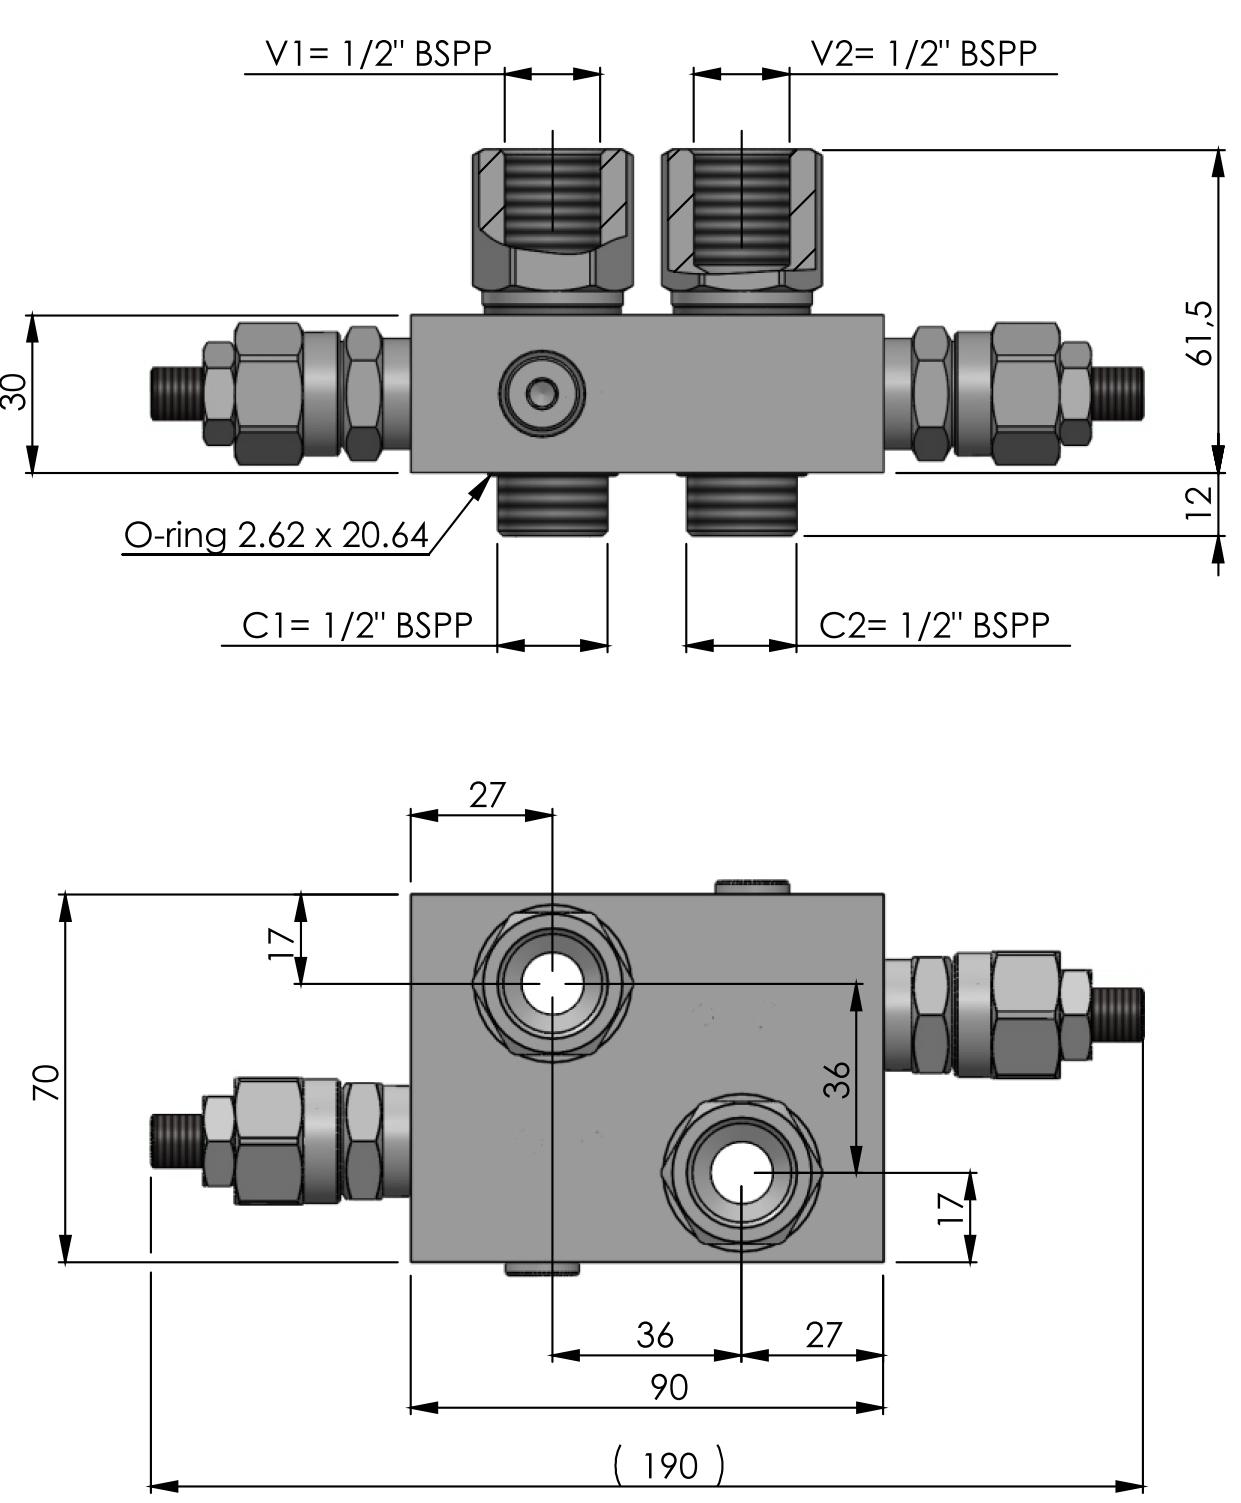 RVD-DI-OMP-OMR-30 схема